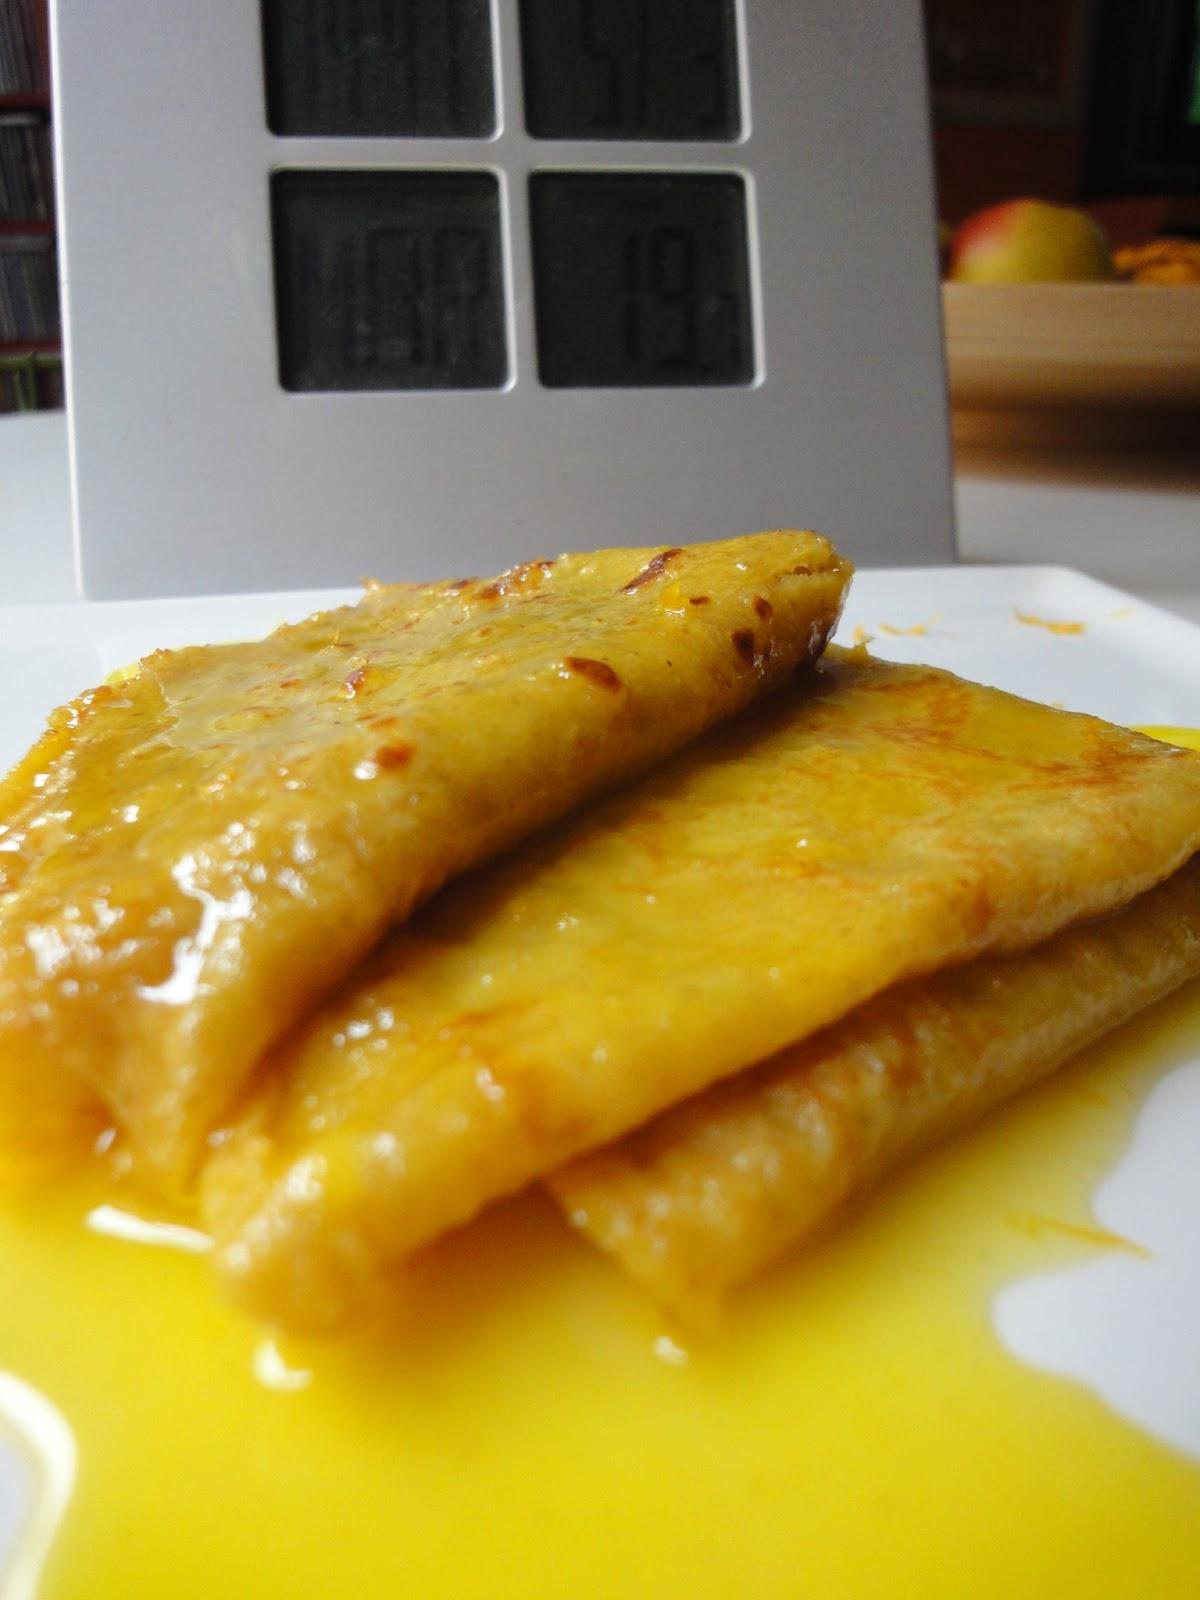 Clases de cocina zaragoza cr pes suzette con harina de avena - Cursos de cocina zaragoza ...